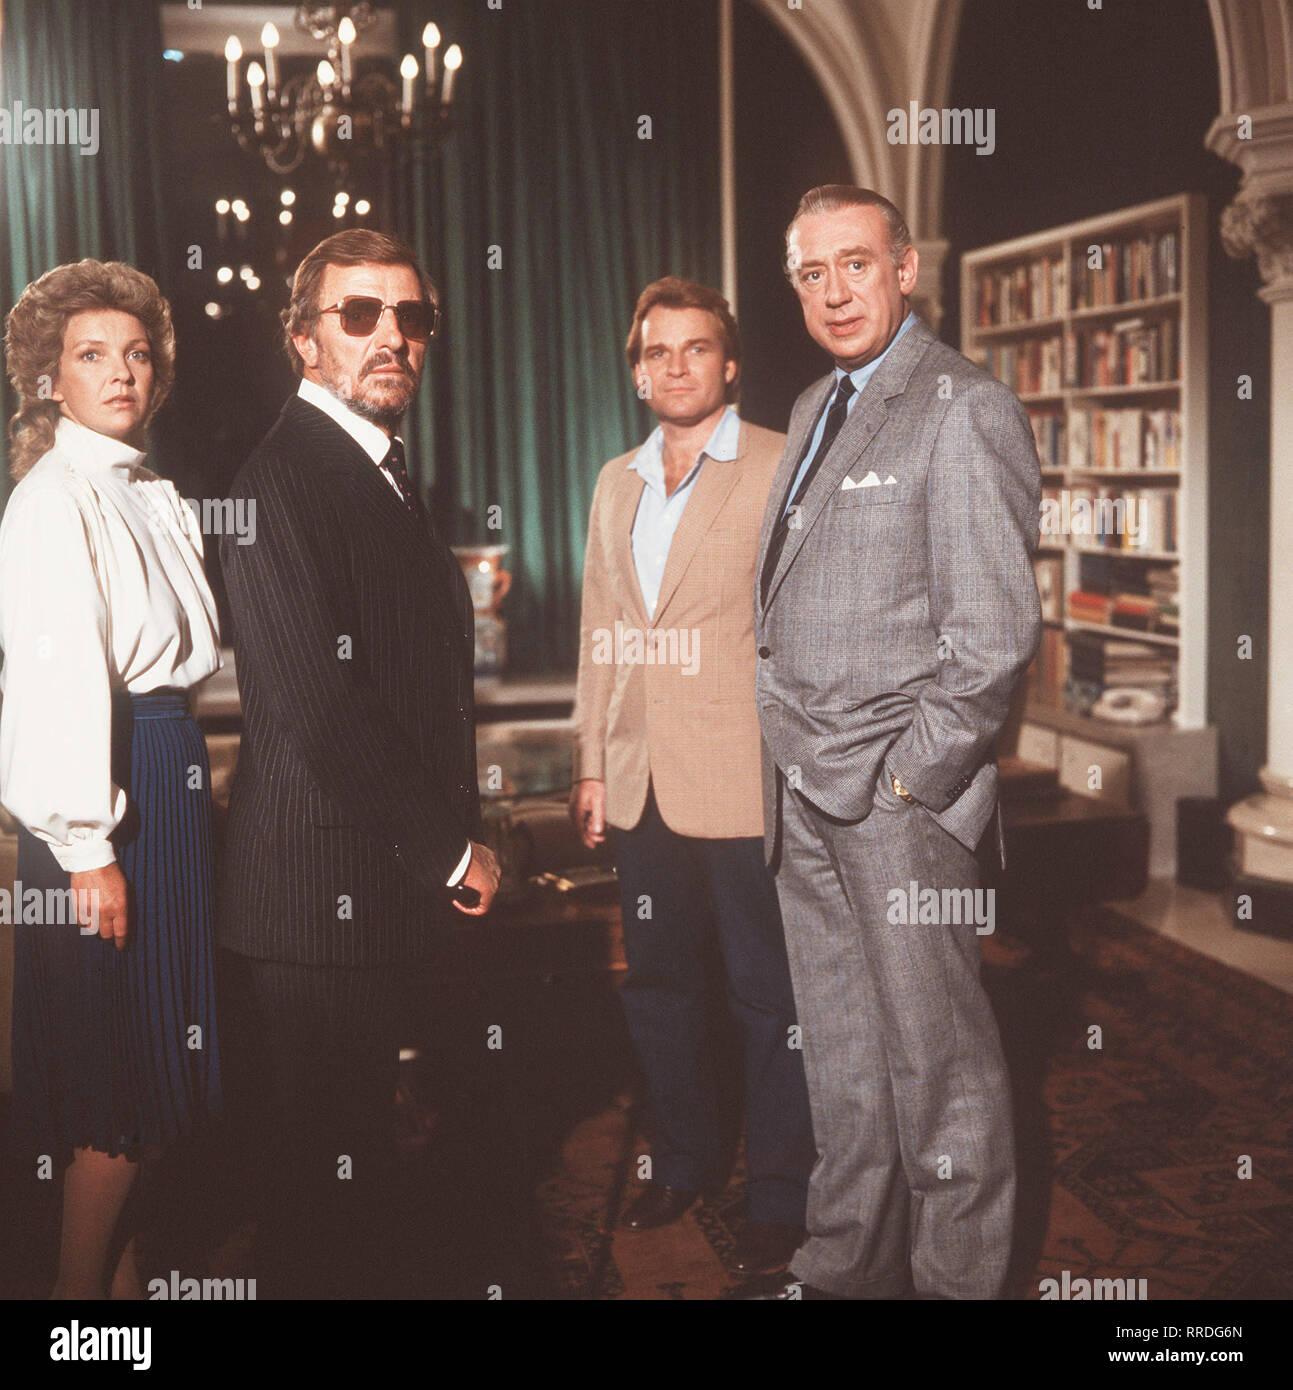 DERRICK / Geheimnisse einer Nacht / D 1983 - Alfred Vohrer / il dottor Vrings wurde erschossen. Ein Mord aus Eifersucht? / Bild: Martina Vrings (GILA VON WEITERSHAUSEN), Gustav Vrings (HEINZ BENNENT), Inspektor Klein (FRITZ WEPPER), Oberinspektor Derrick (HORST TAPPERT) / 29597 / , 22DFAderrick3 / Überschrift: DERRICK / BRD 1983 Immagini Stock